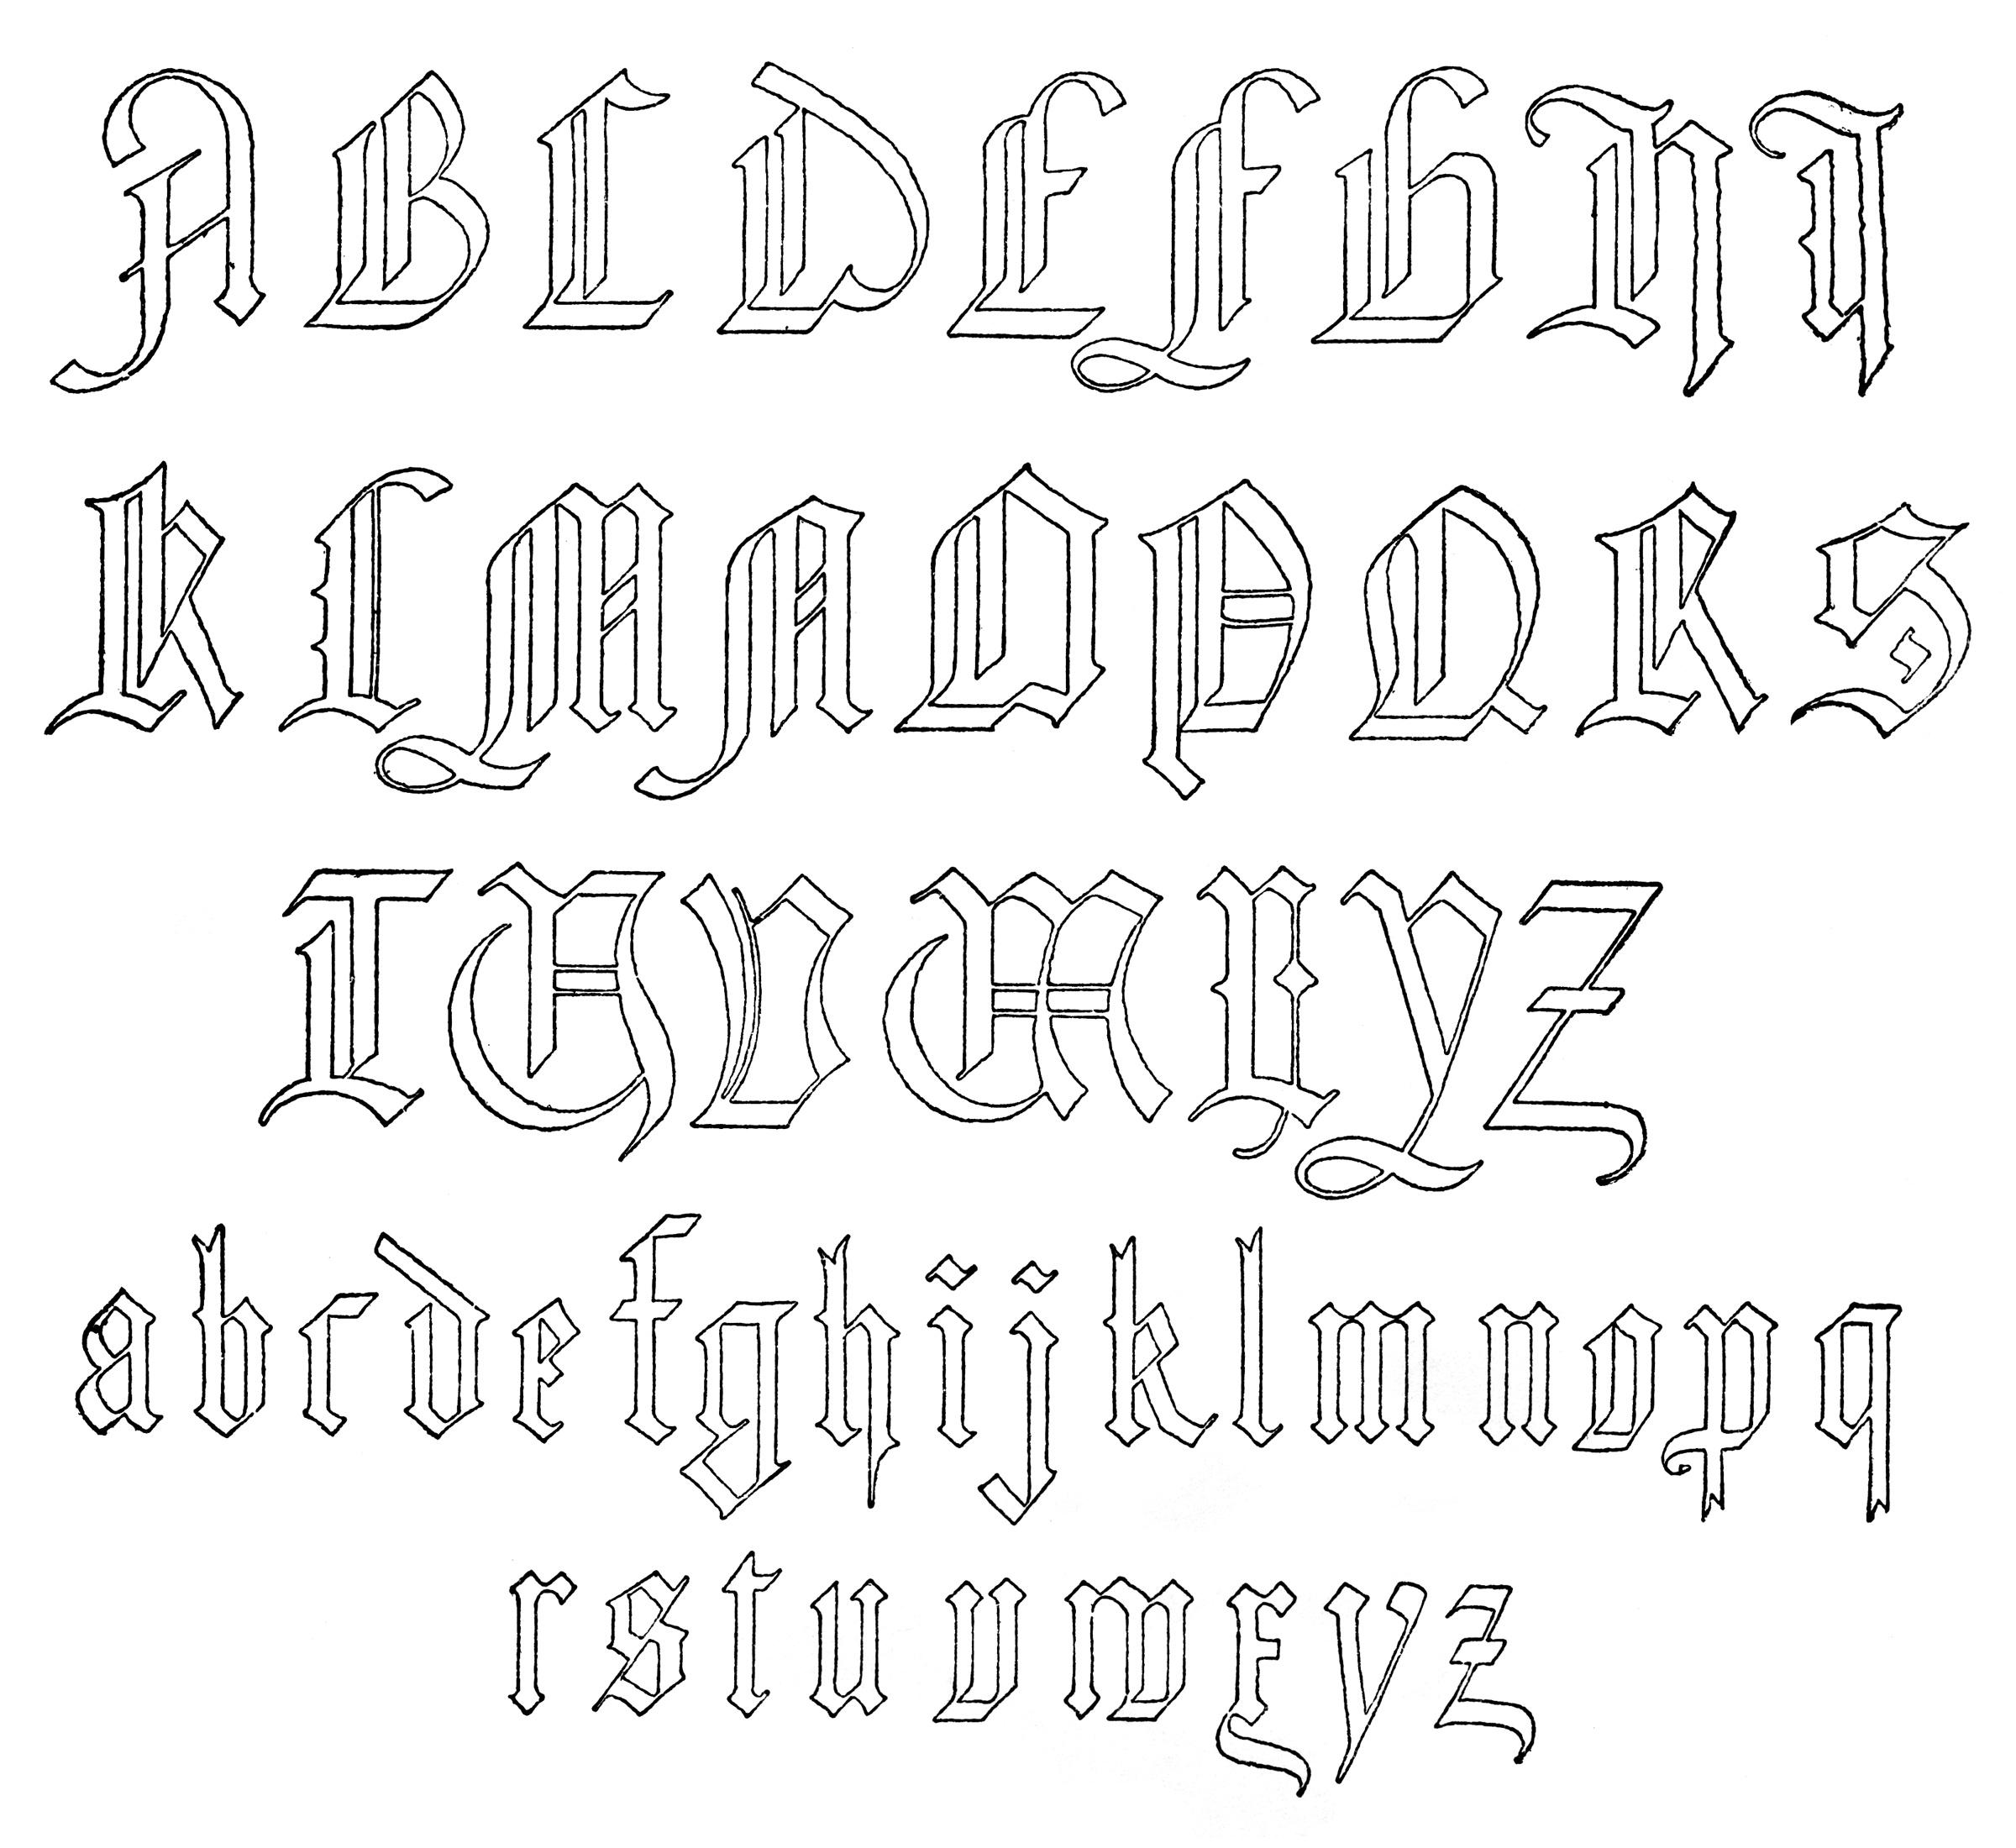 6 Old German Font Images